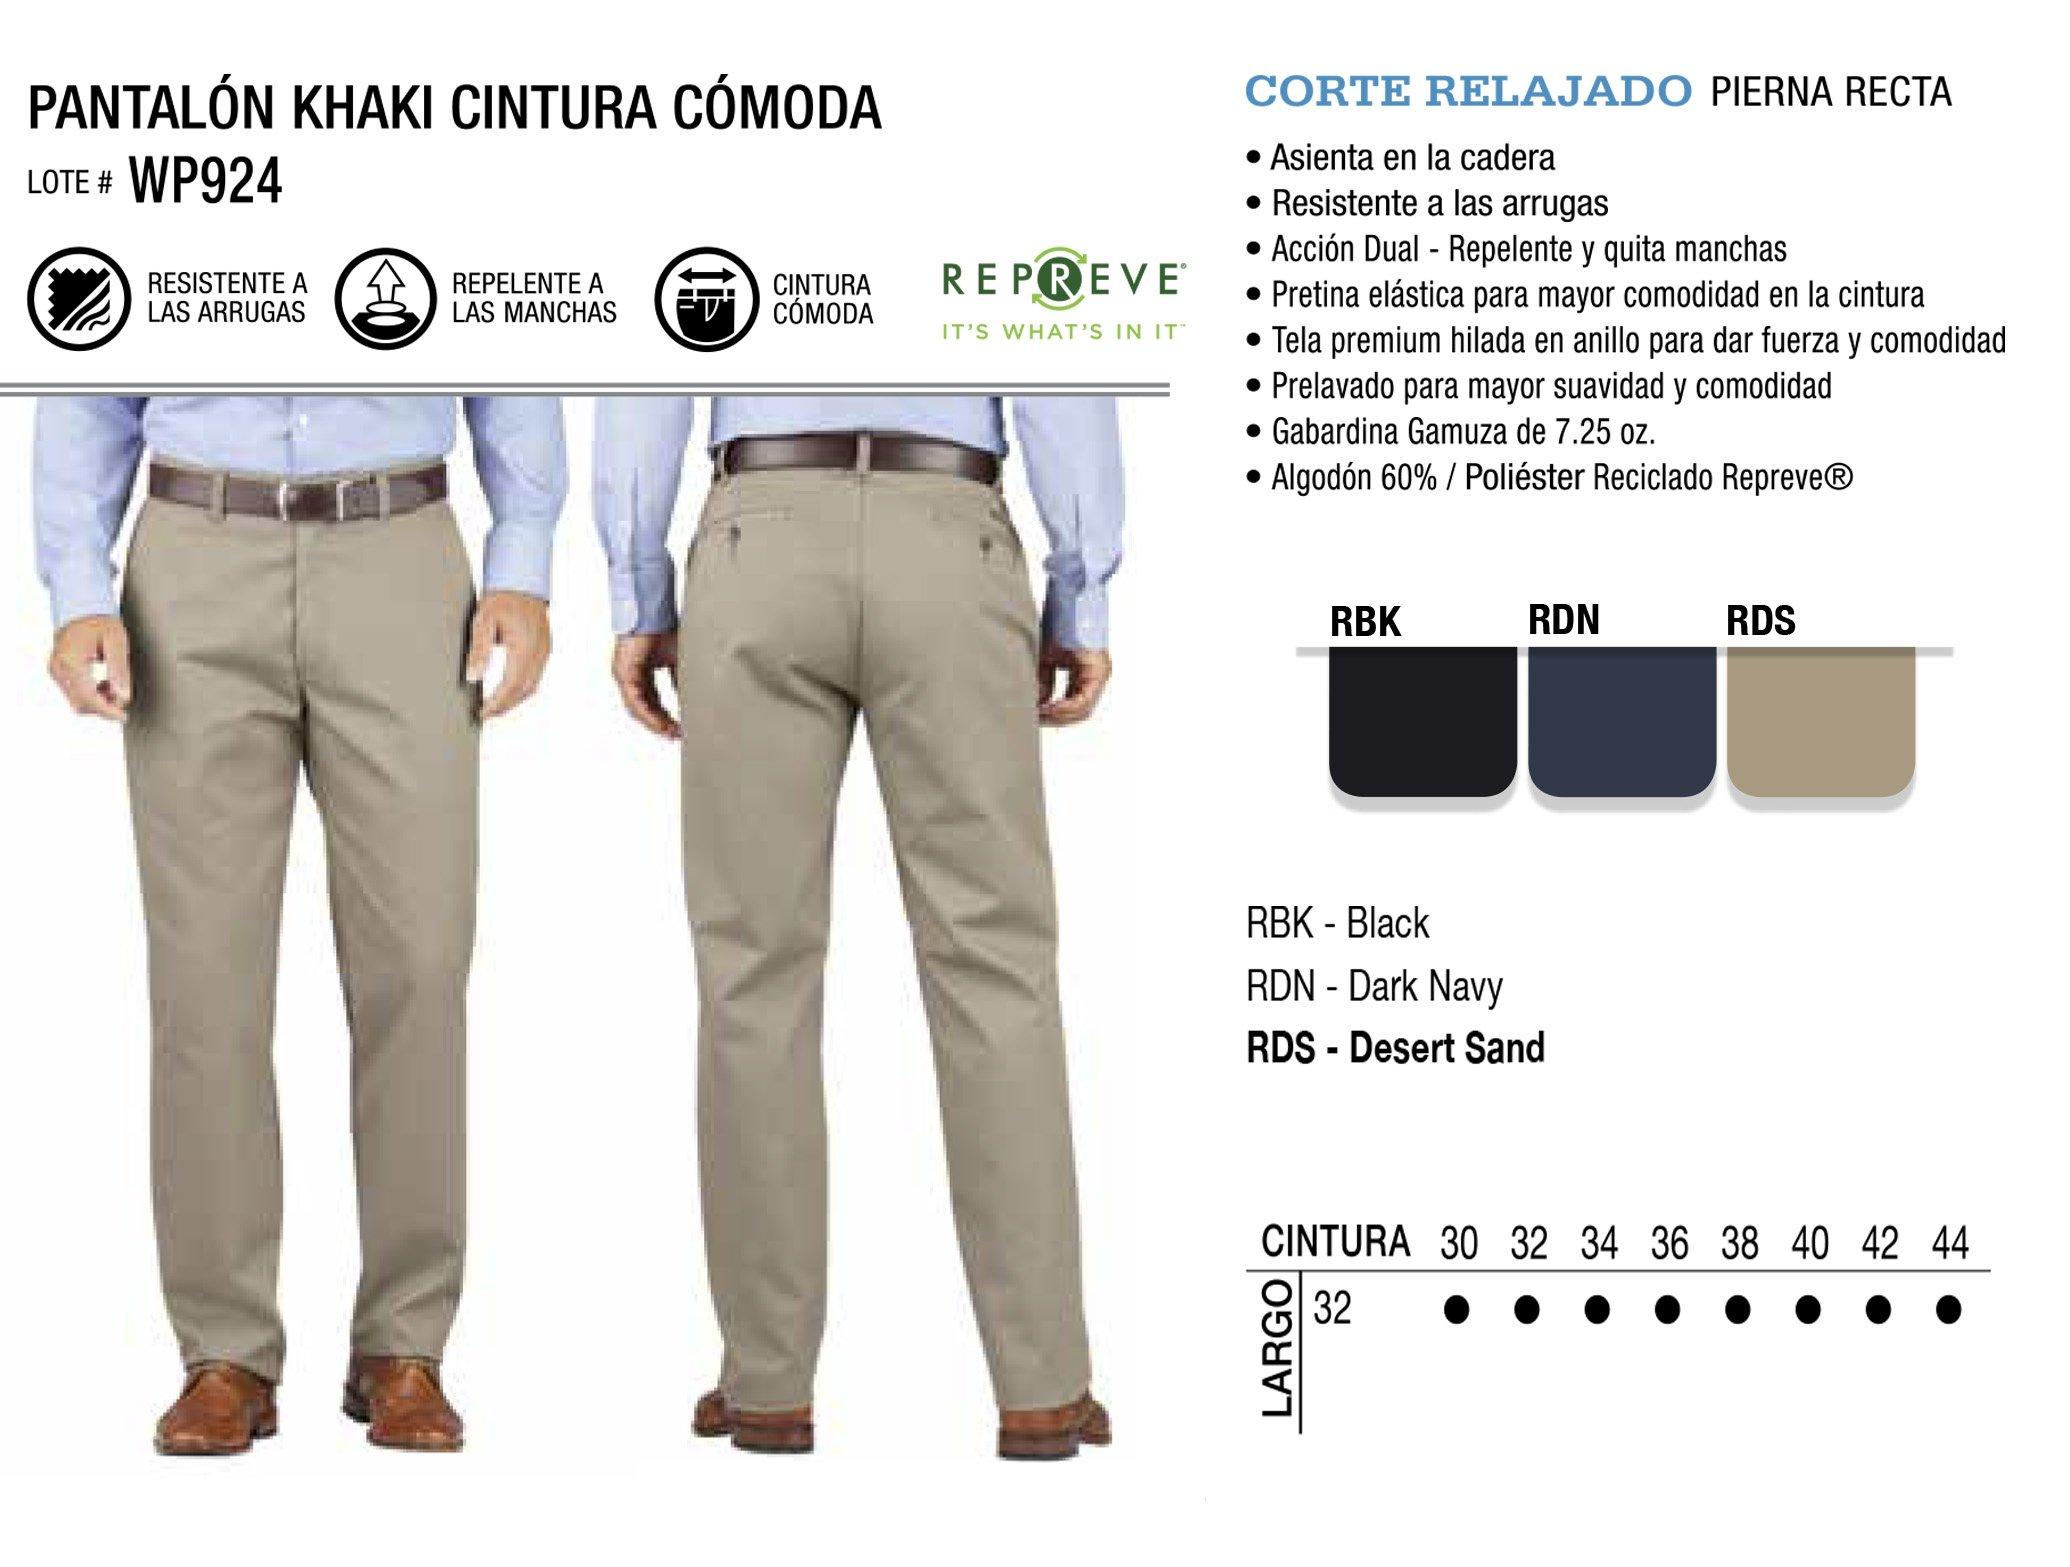 Pantalón Khaki Cintura Cómoda. Corte Relajado. WP924.